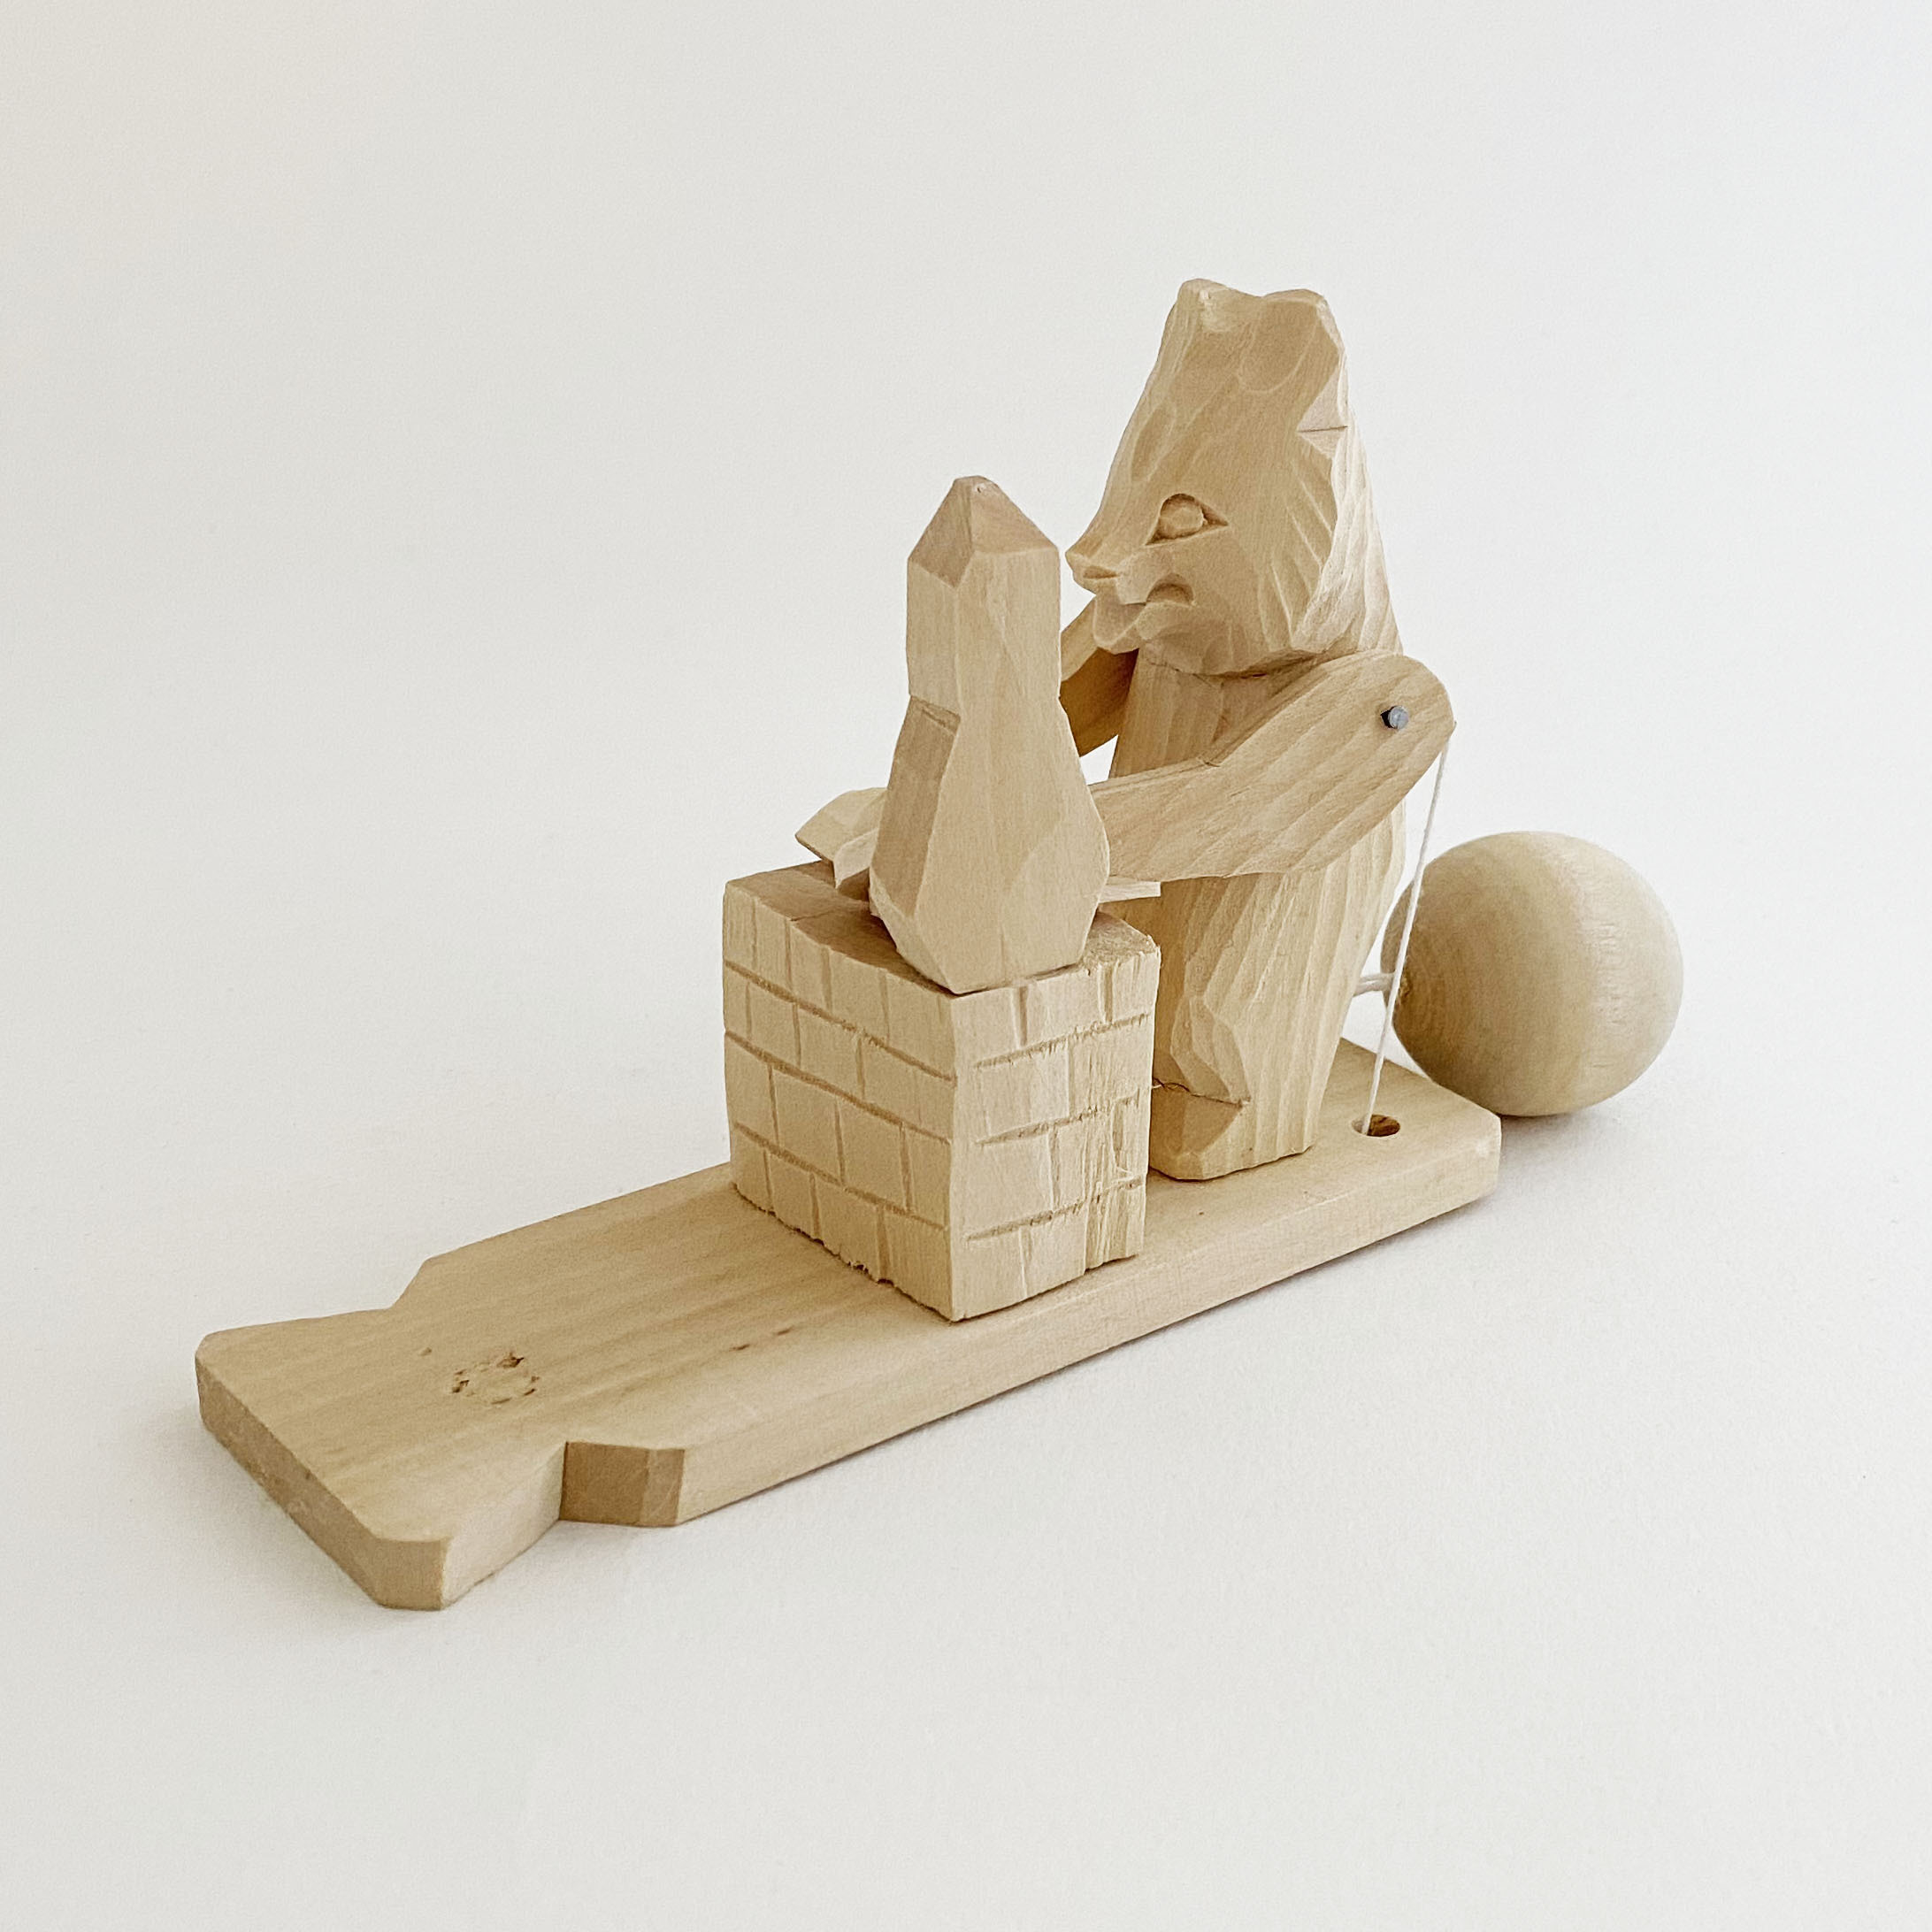 ボゴロツコエ木地玩具「クマのパンケーキ」